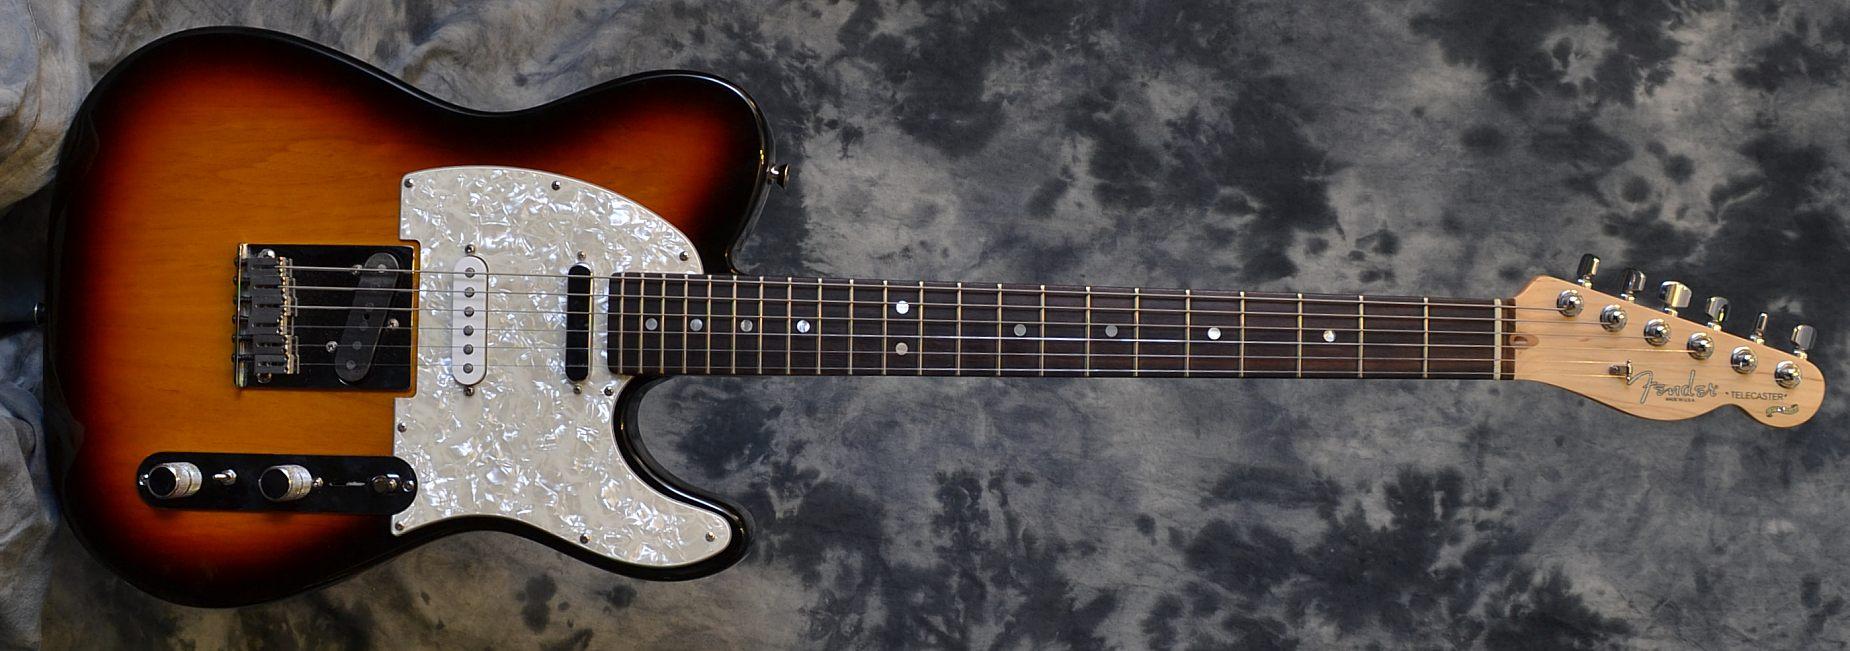 Fender_Tele 60th Ann Modified_2006(C)